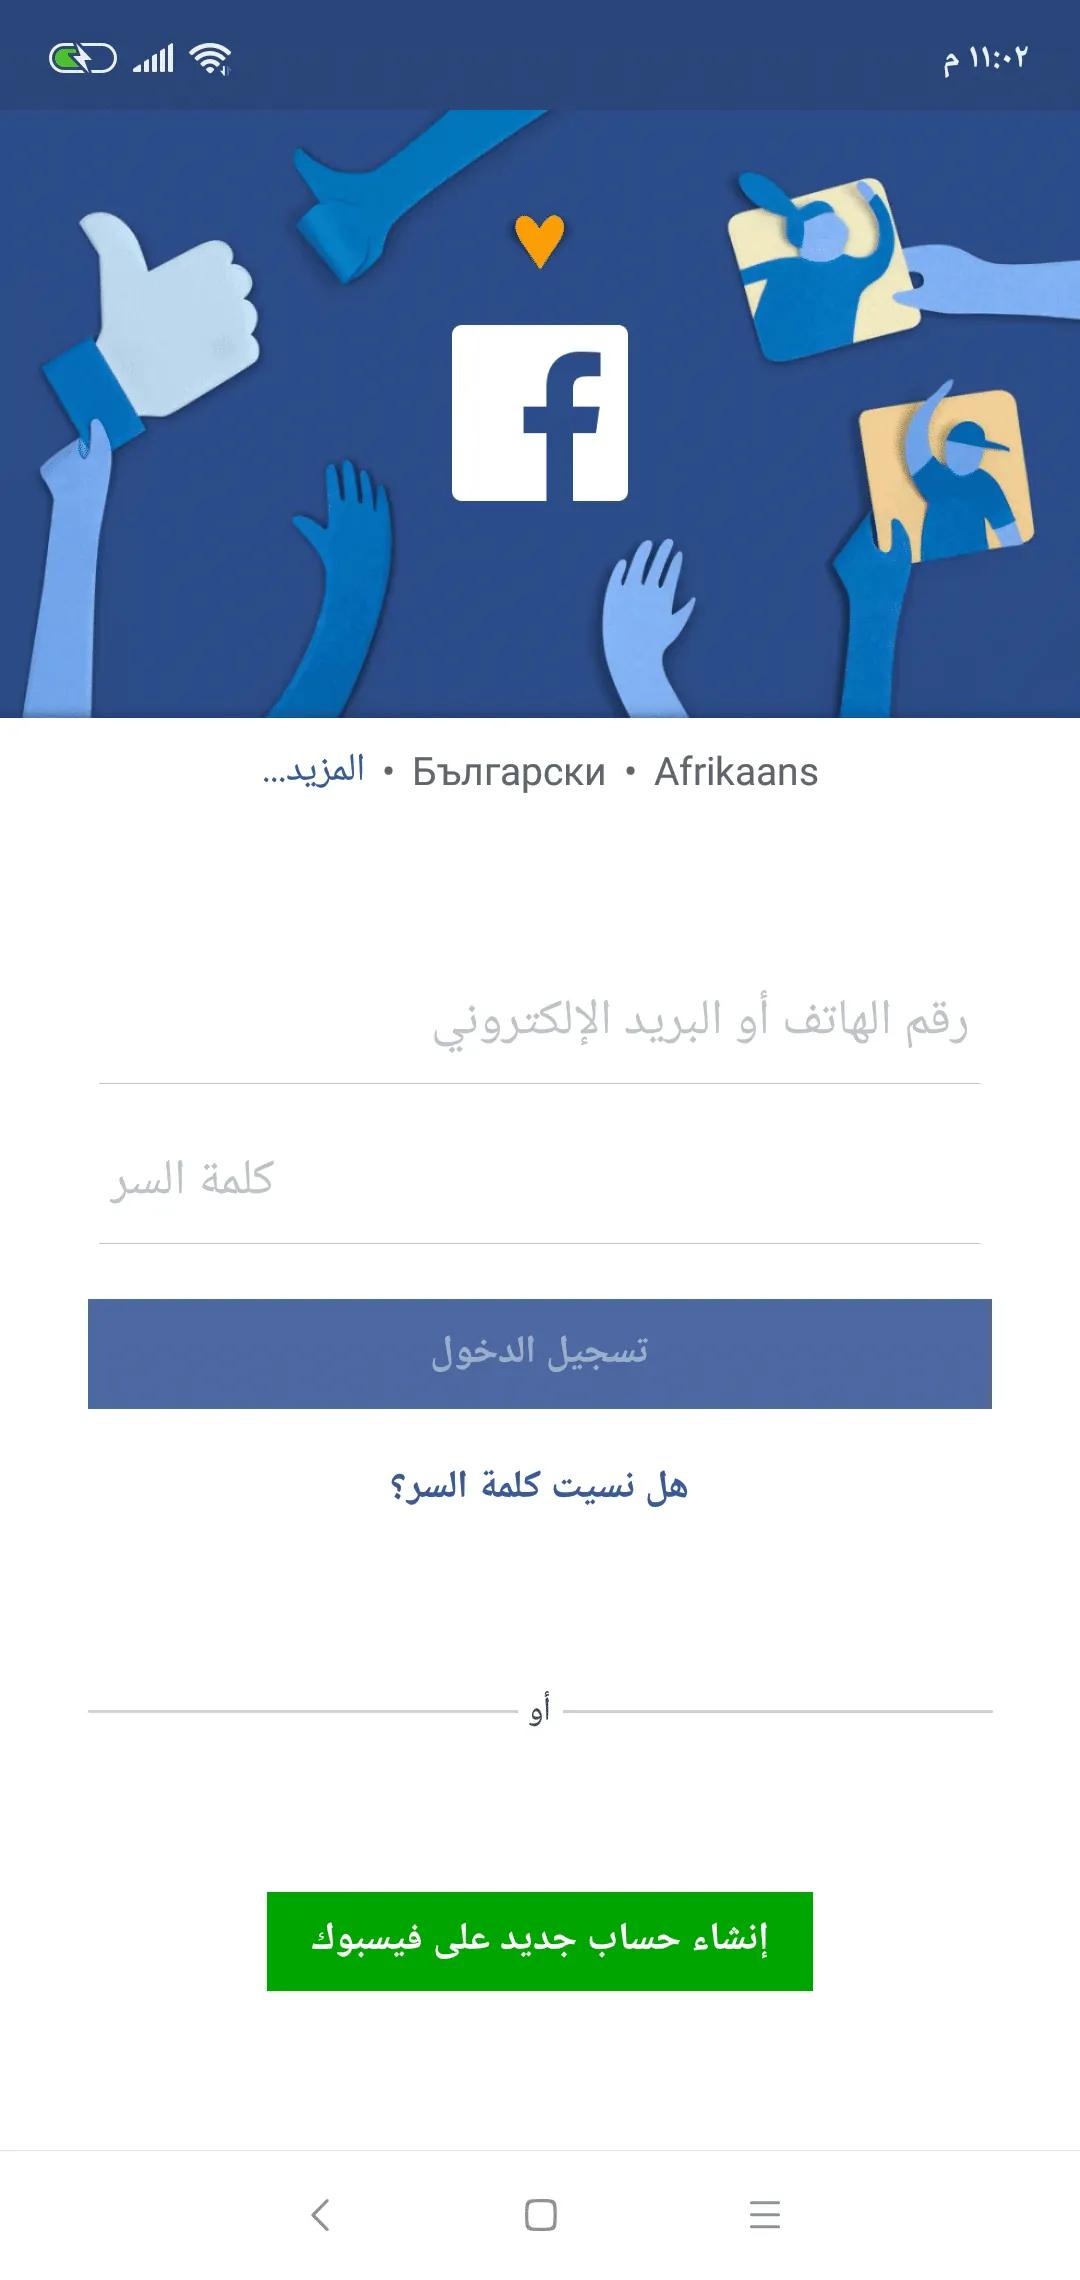 2- فتح تطبيق فيس بوك وبدأ خطوات إنشاء حساب فيس بوك جديد